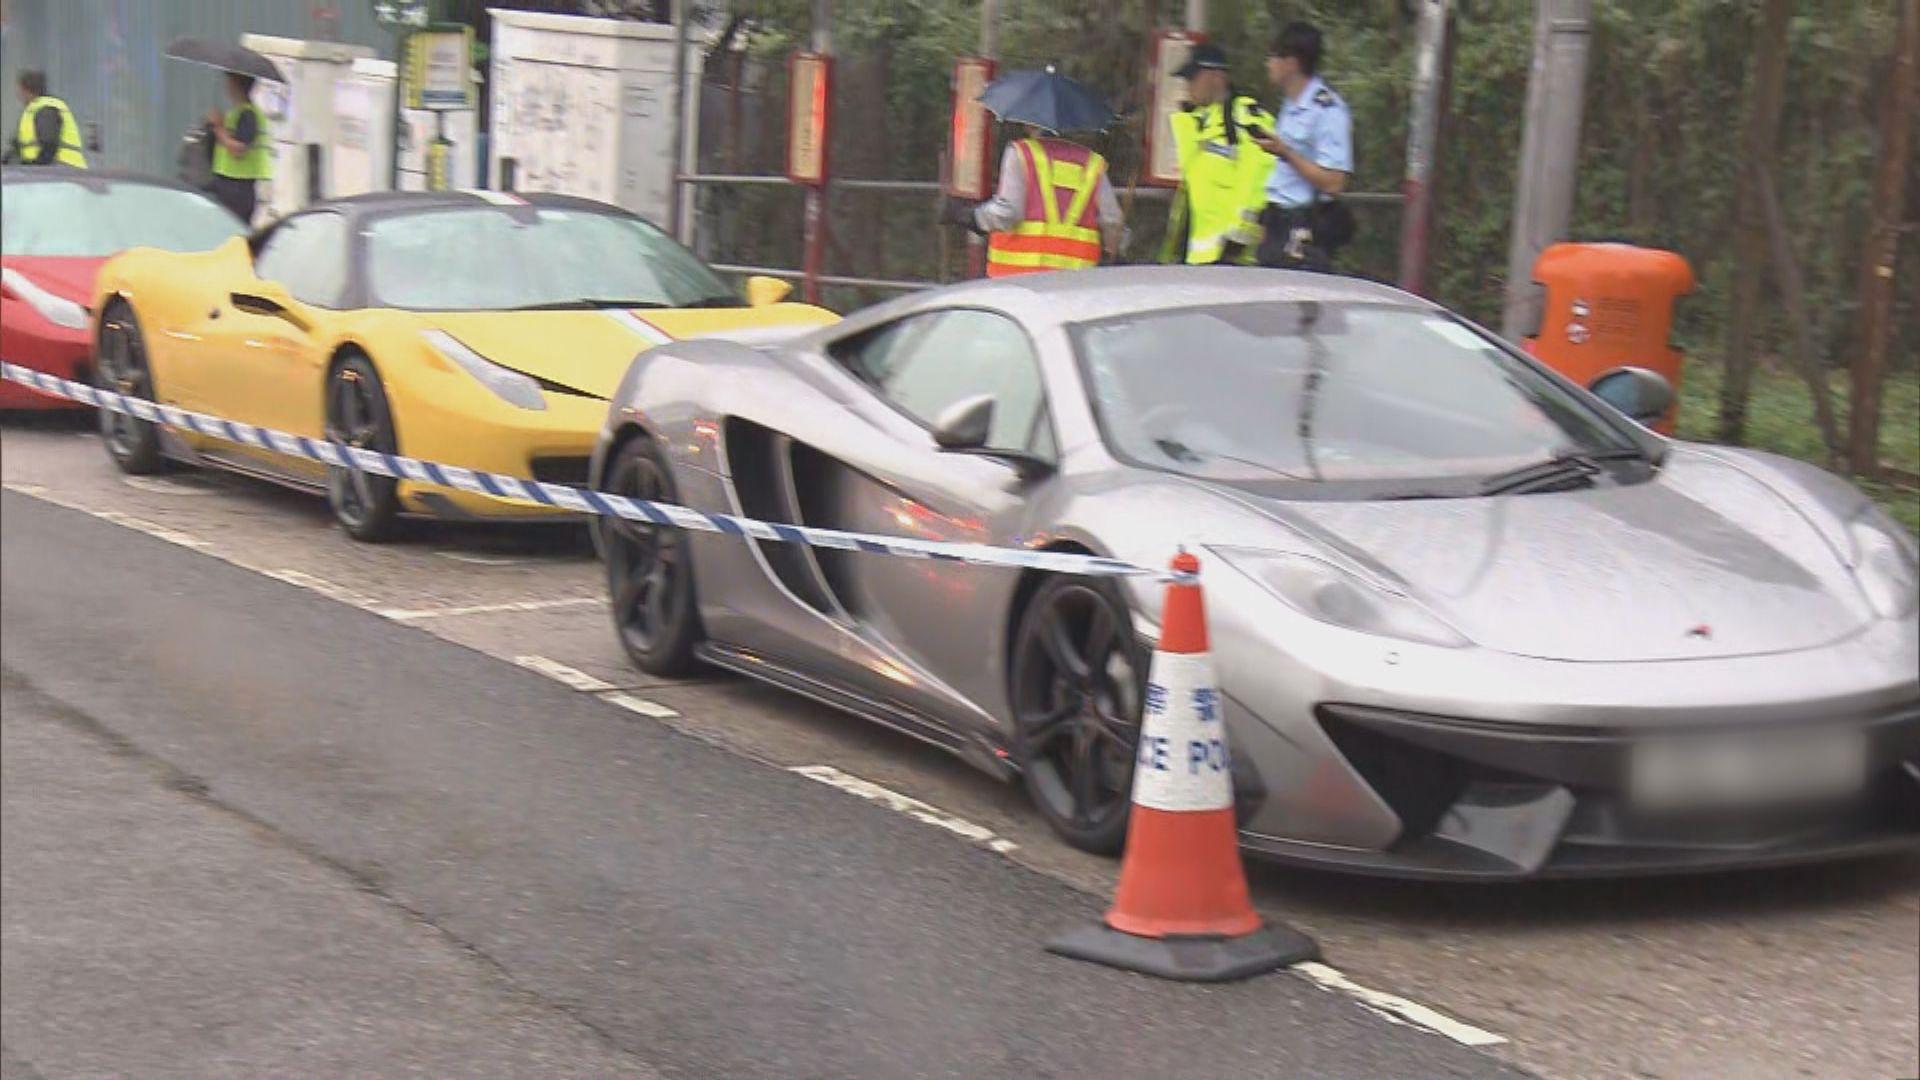 跑車高速駕駛失事兩人傷 六司機涉危駕被捕